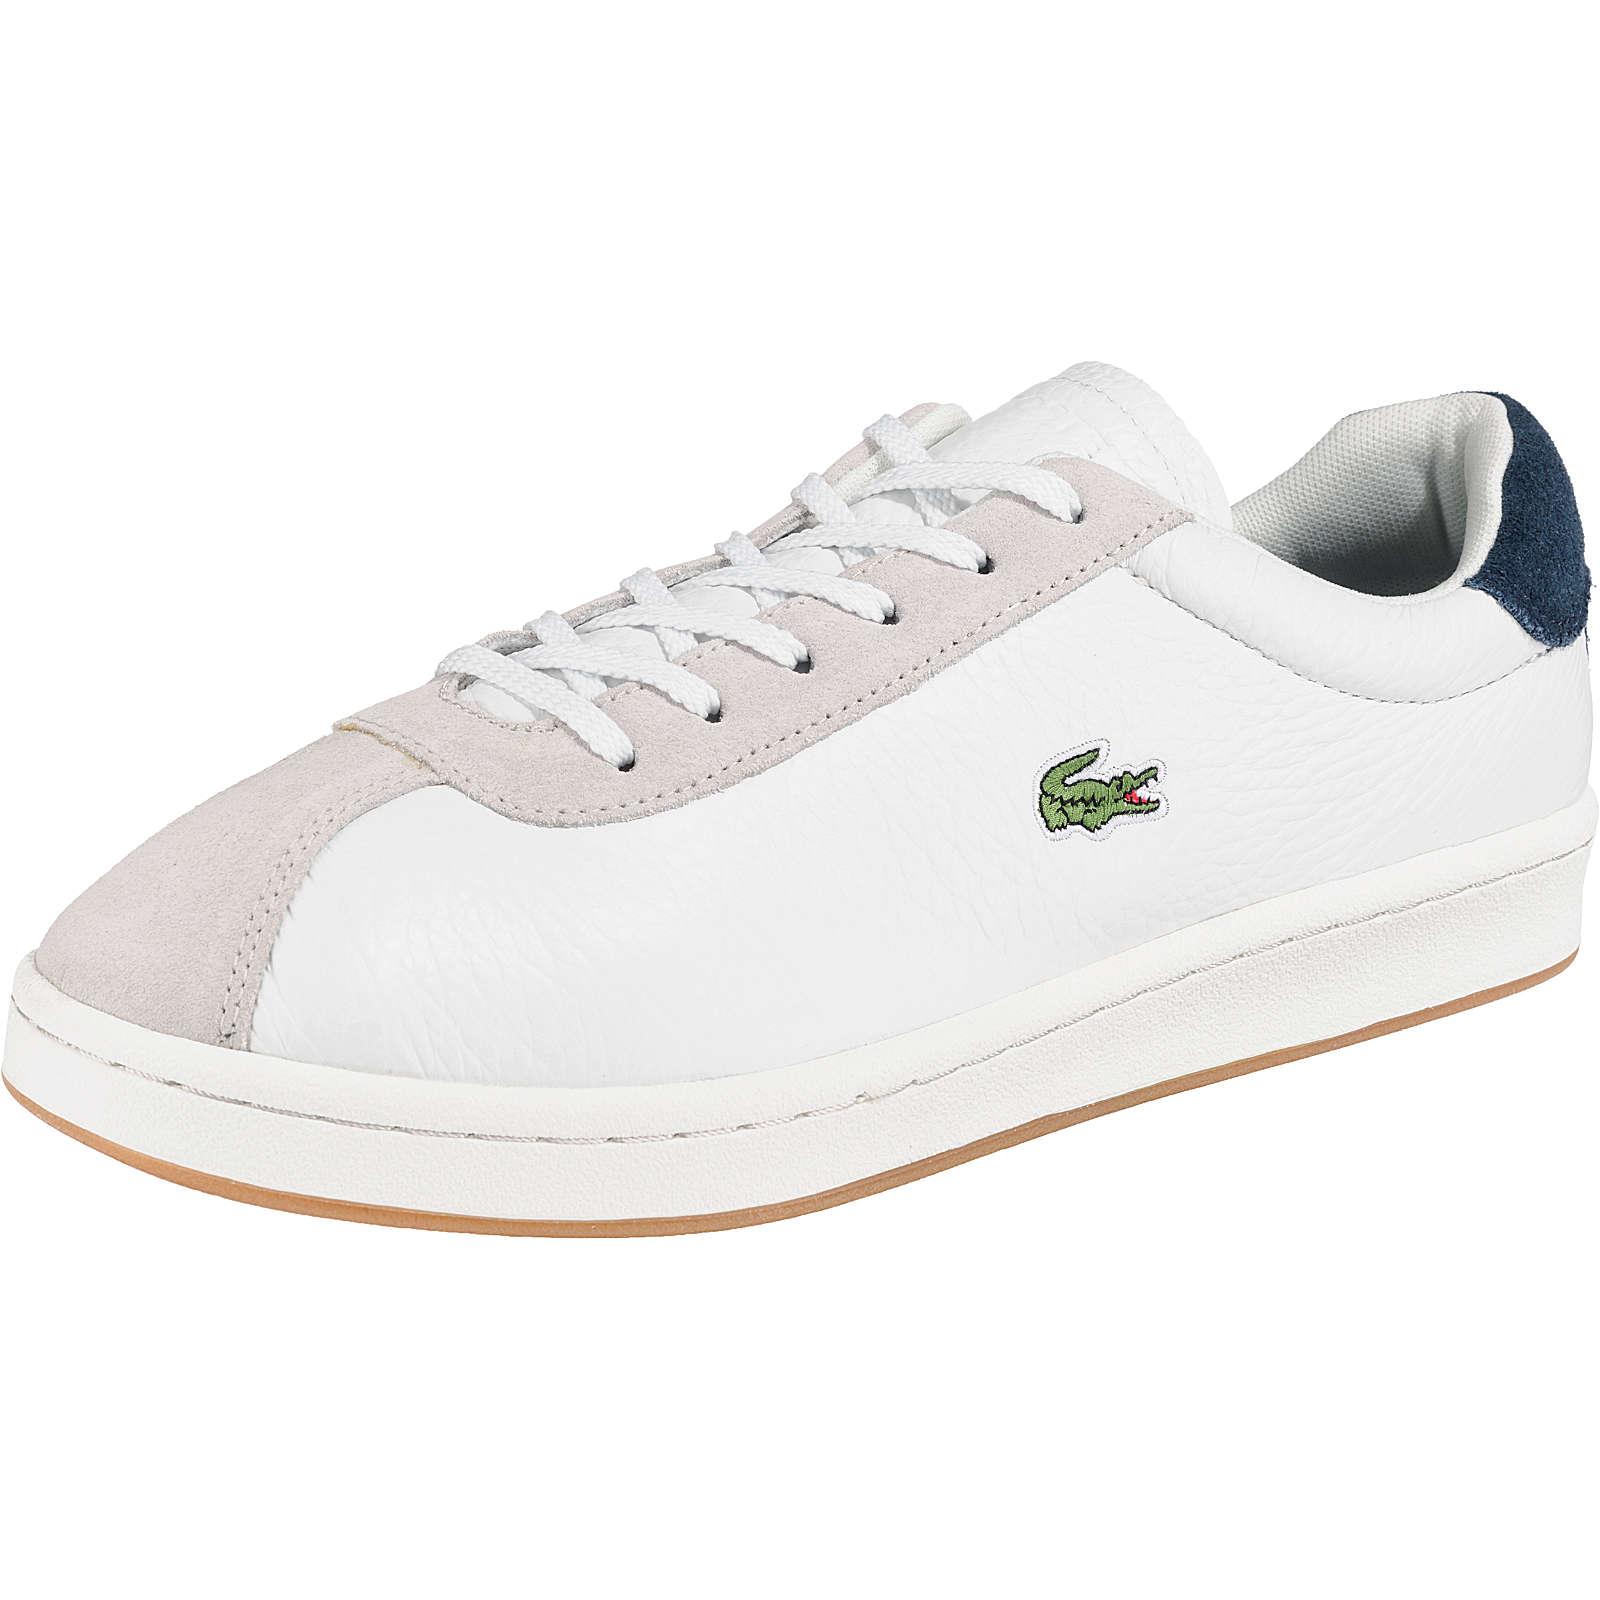 LACOSTE Masters Sneakers Low weiß Modell 1 Herren Gr. 42,5